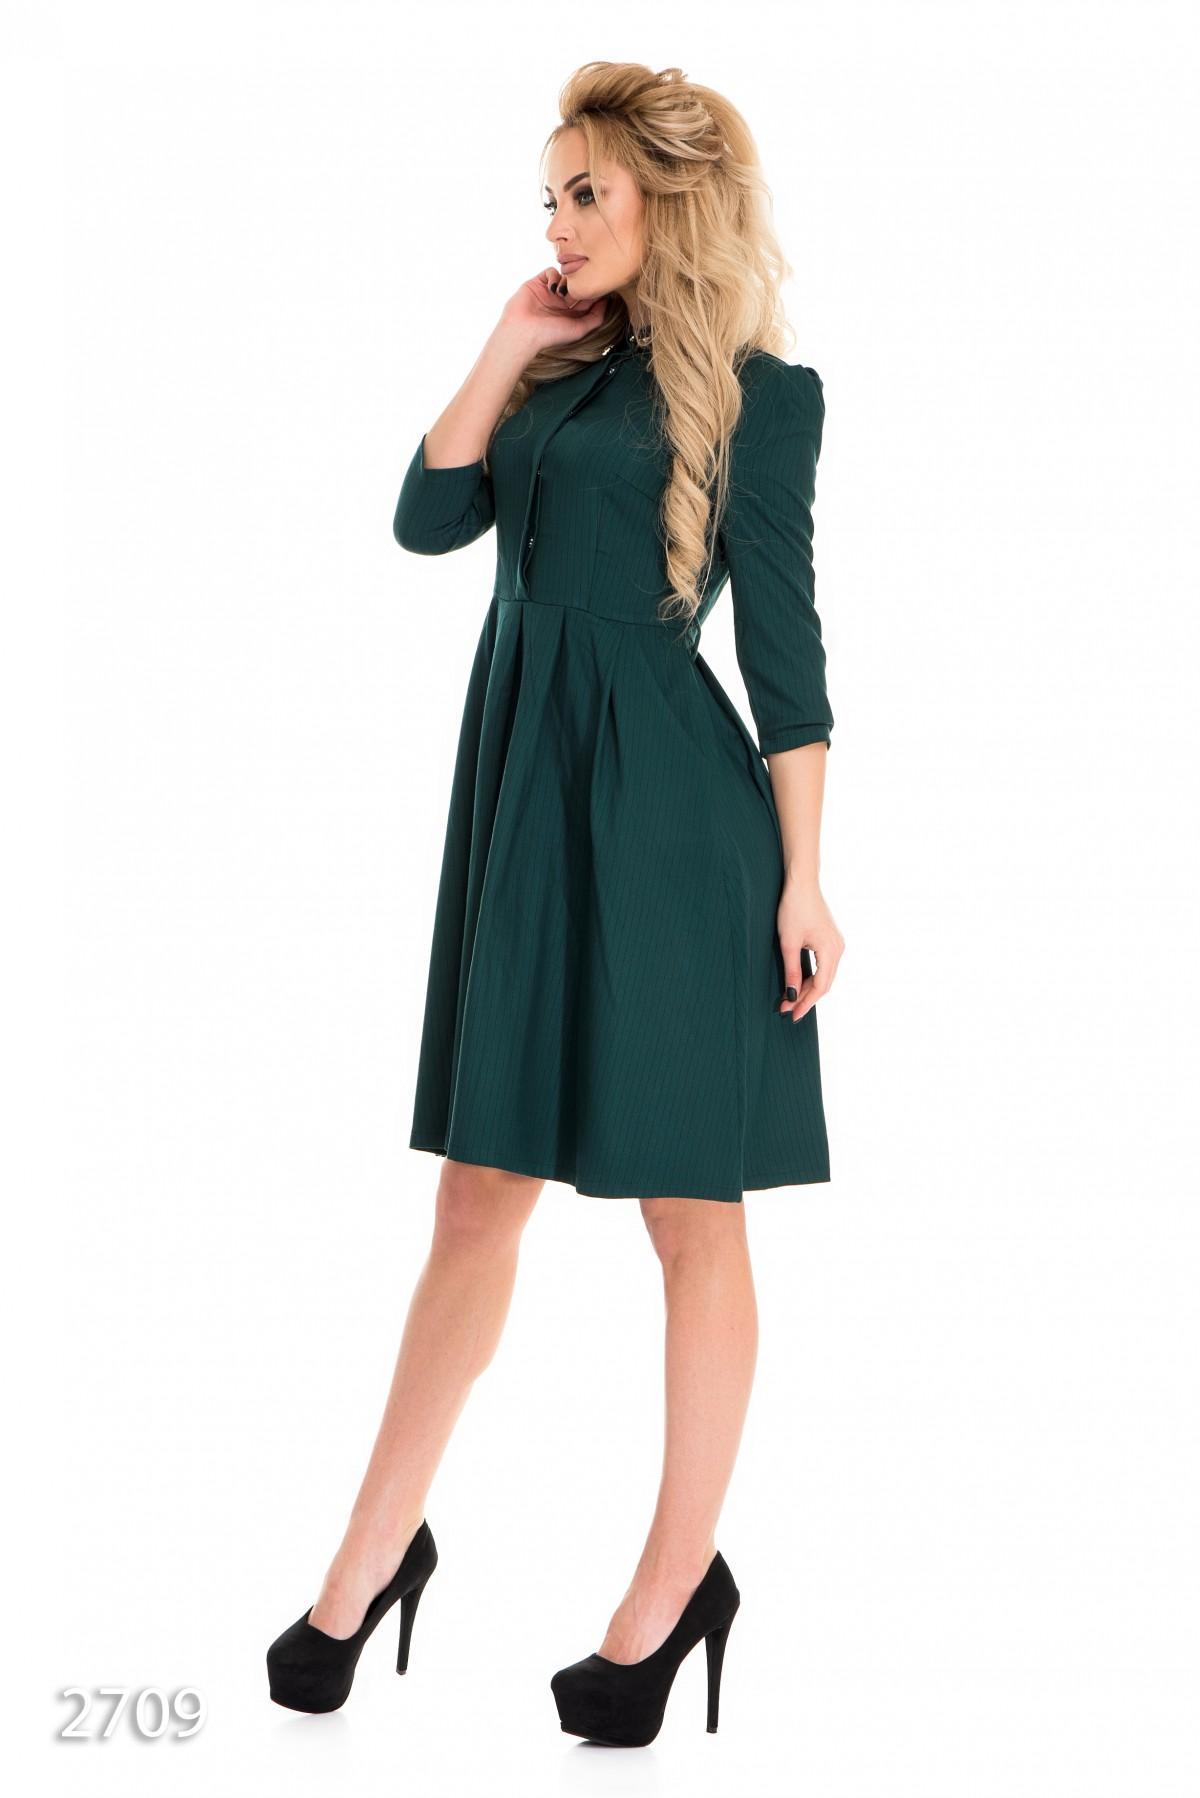 55fc57a80ff ... Зеленое в тонкую полоску приталенное платье-рубашка с рукавом 2 3  538  грн ...